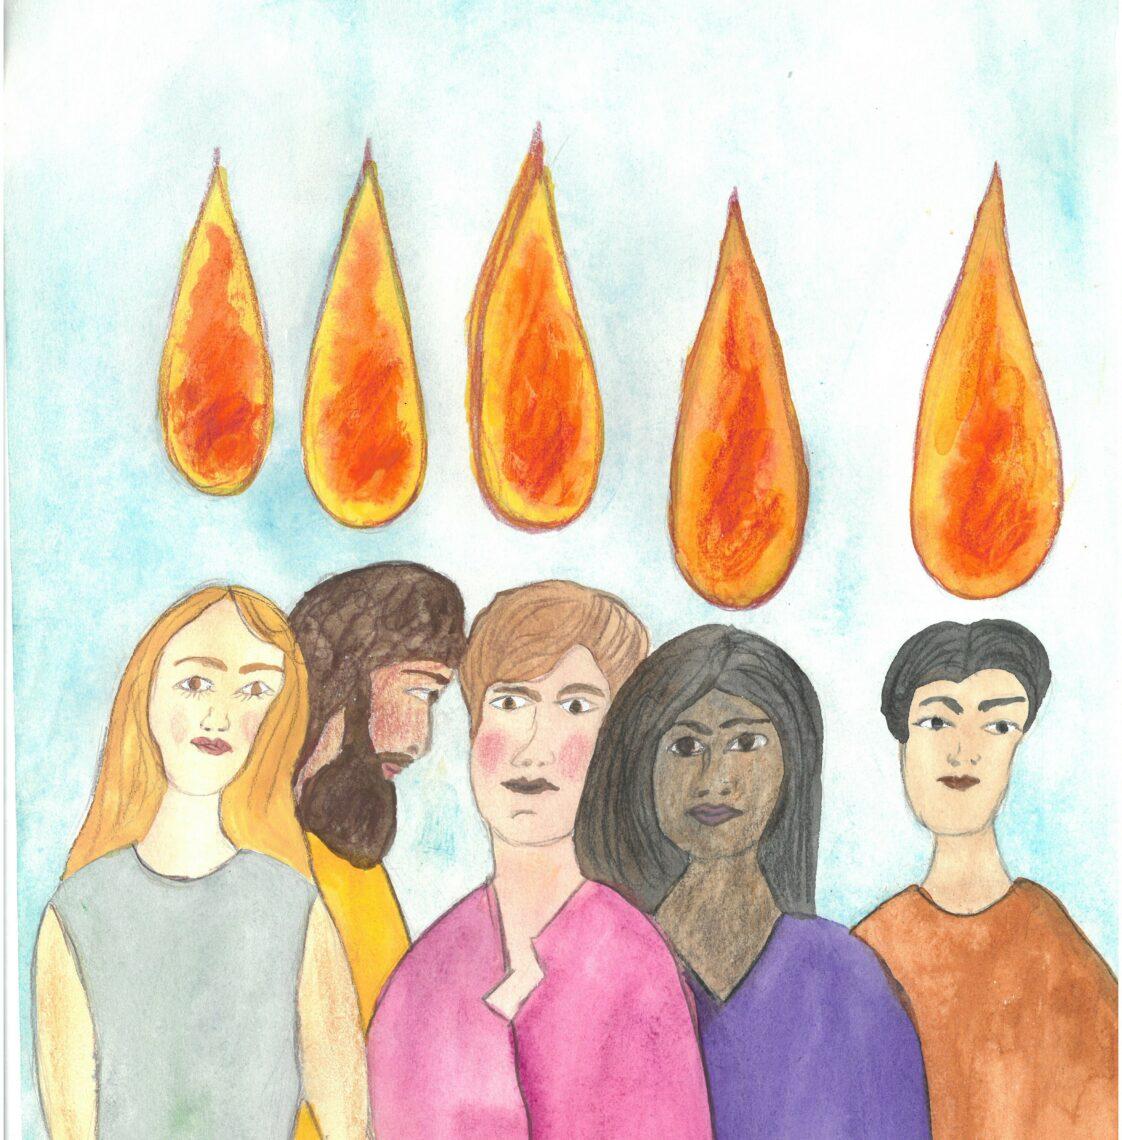 Kinderzeichnung: 5 verschiedene Menschen schauen ernst. Über ihren Köpfen sind tropfenförmige Flammen.